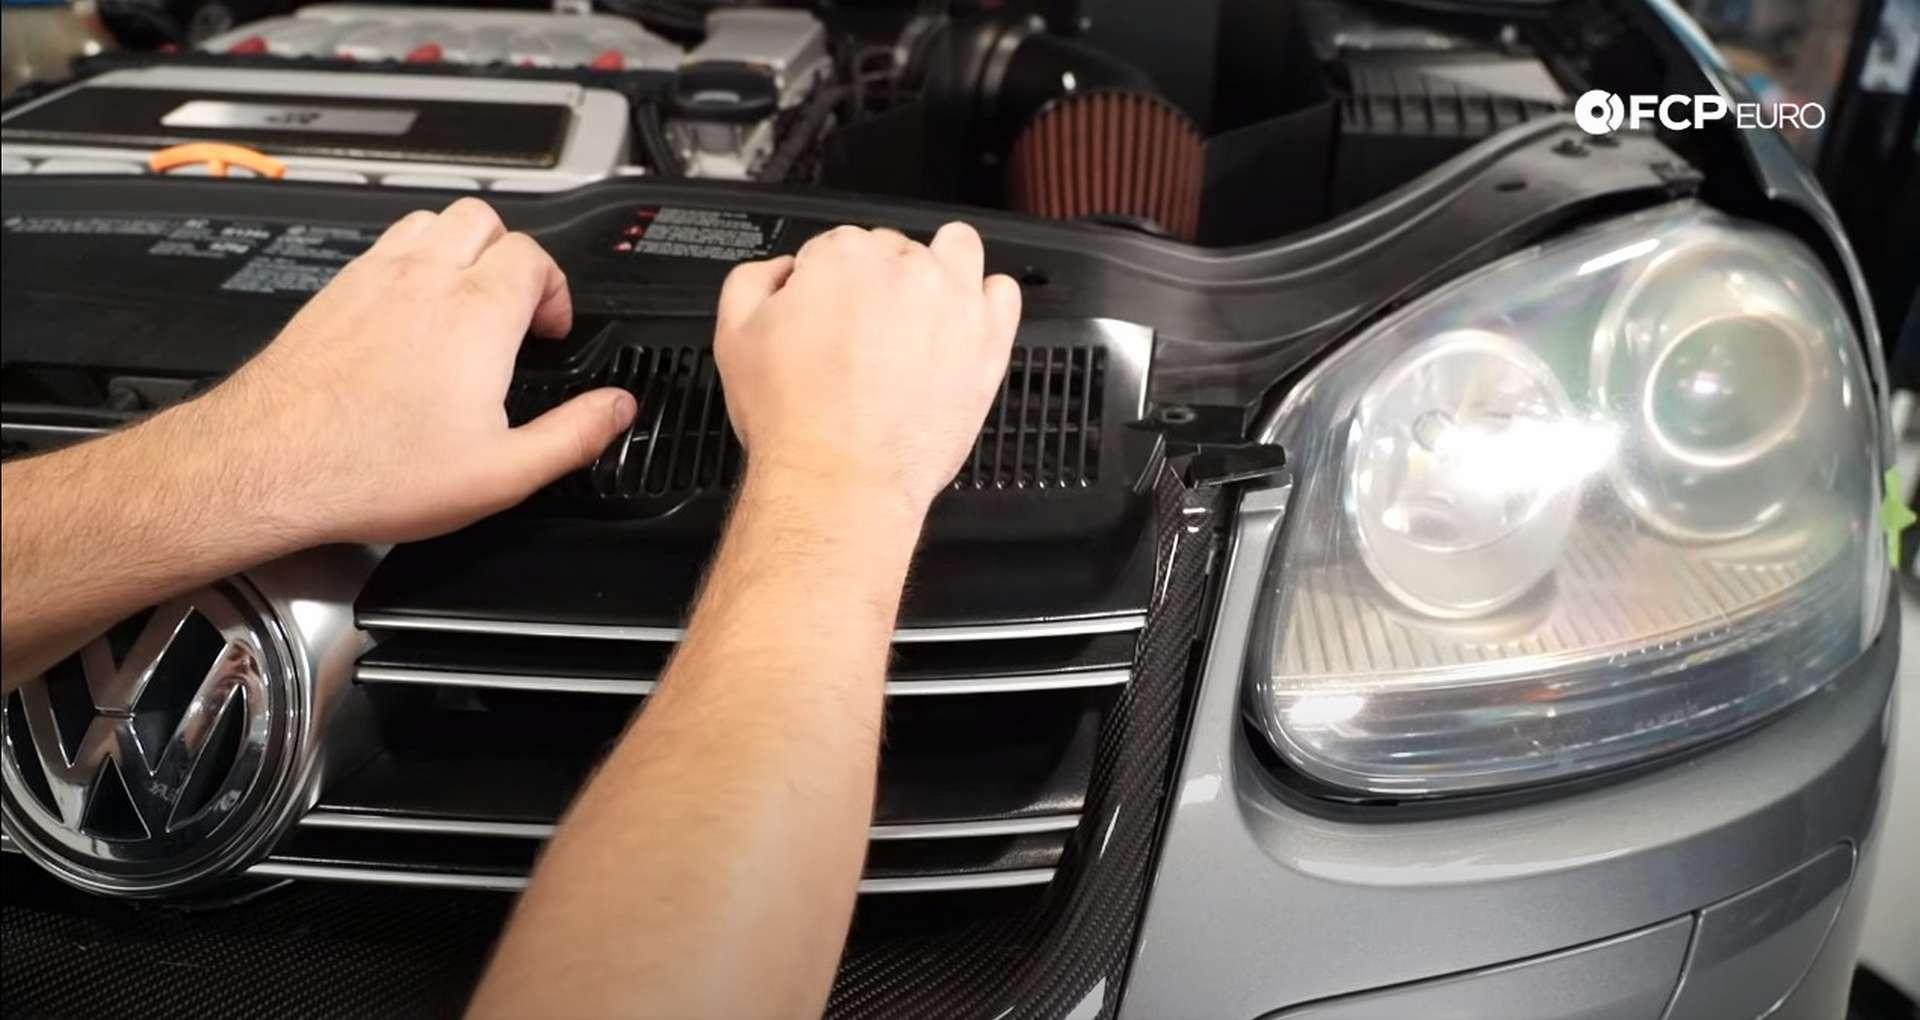 10-DIY-VW-VR6-Valve-Cover-Gasket-Entering-Service-Position